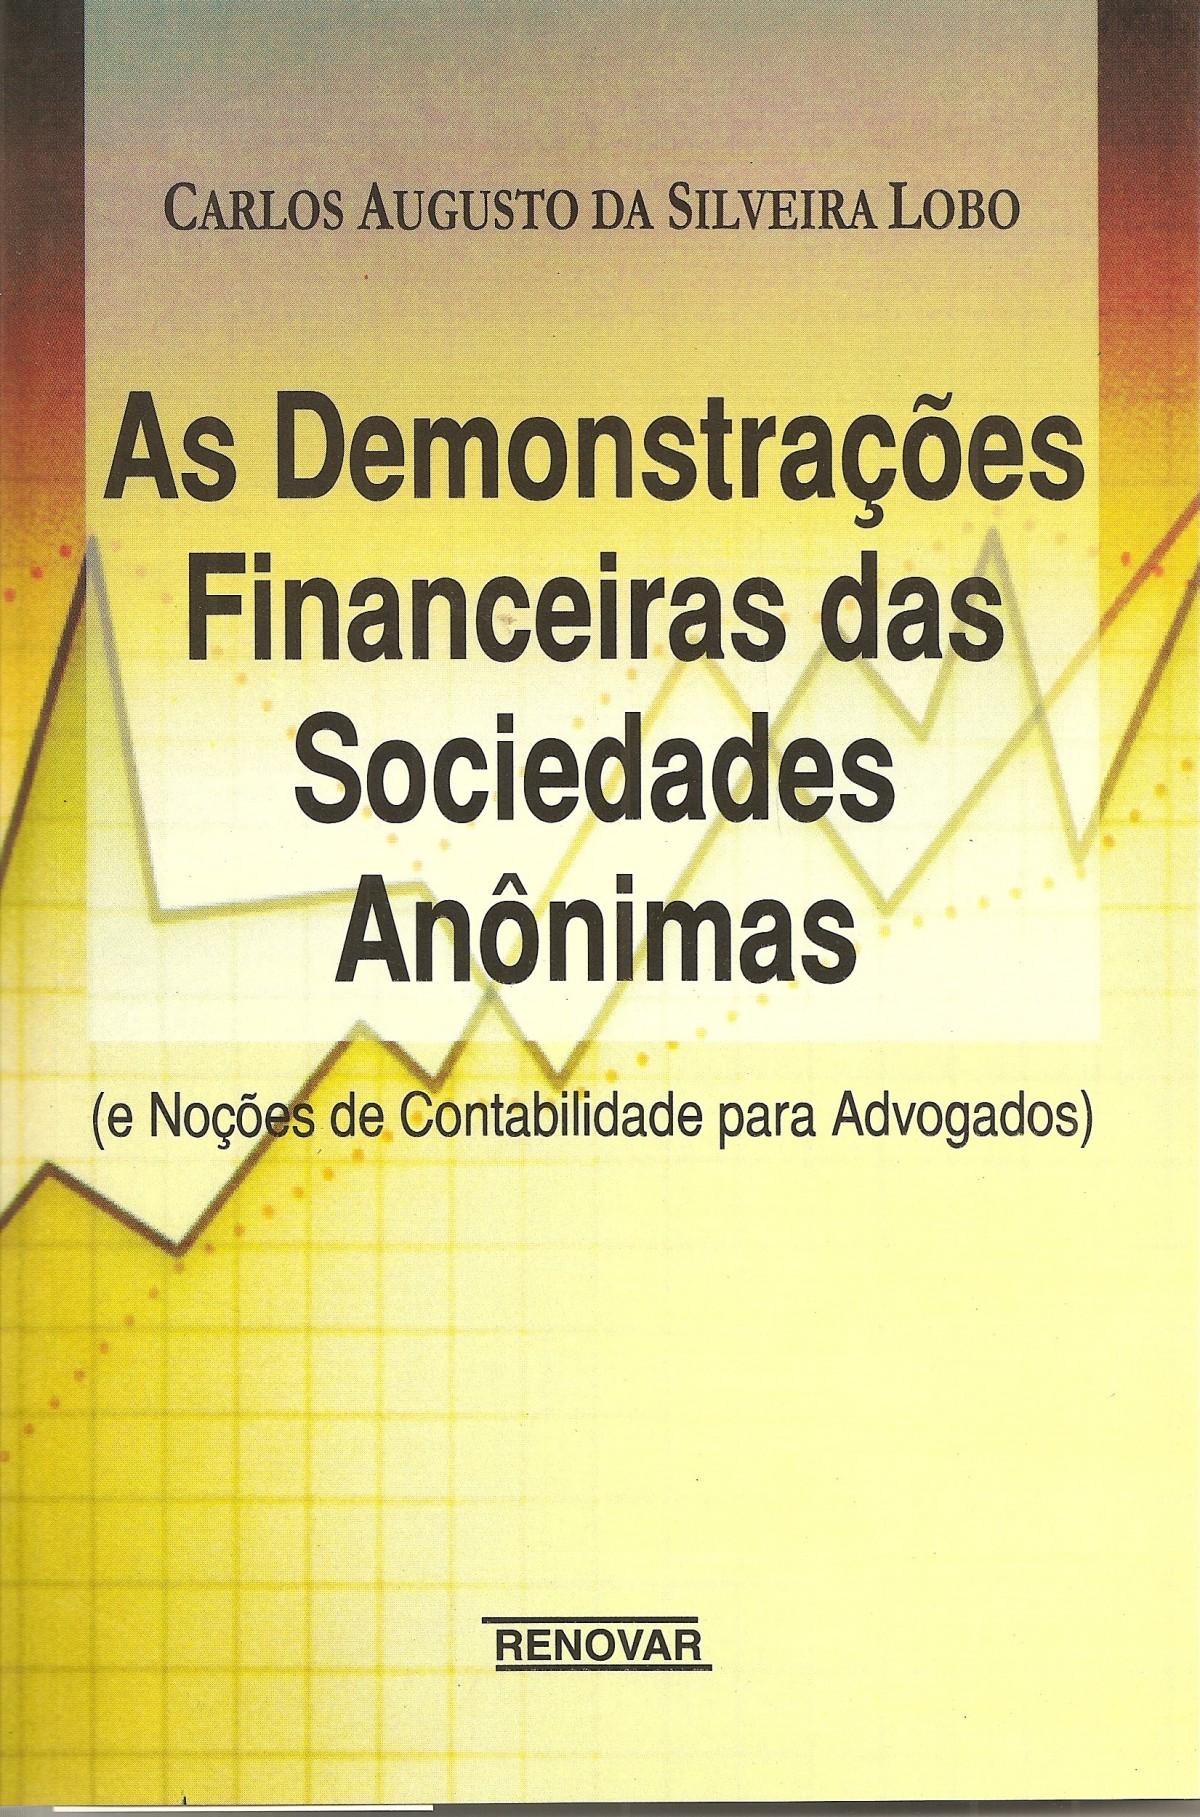 Foto 1 - As Demonstrações Financeiras das Sociedades Anônimas